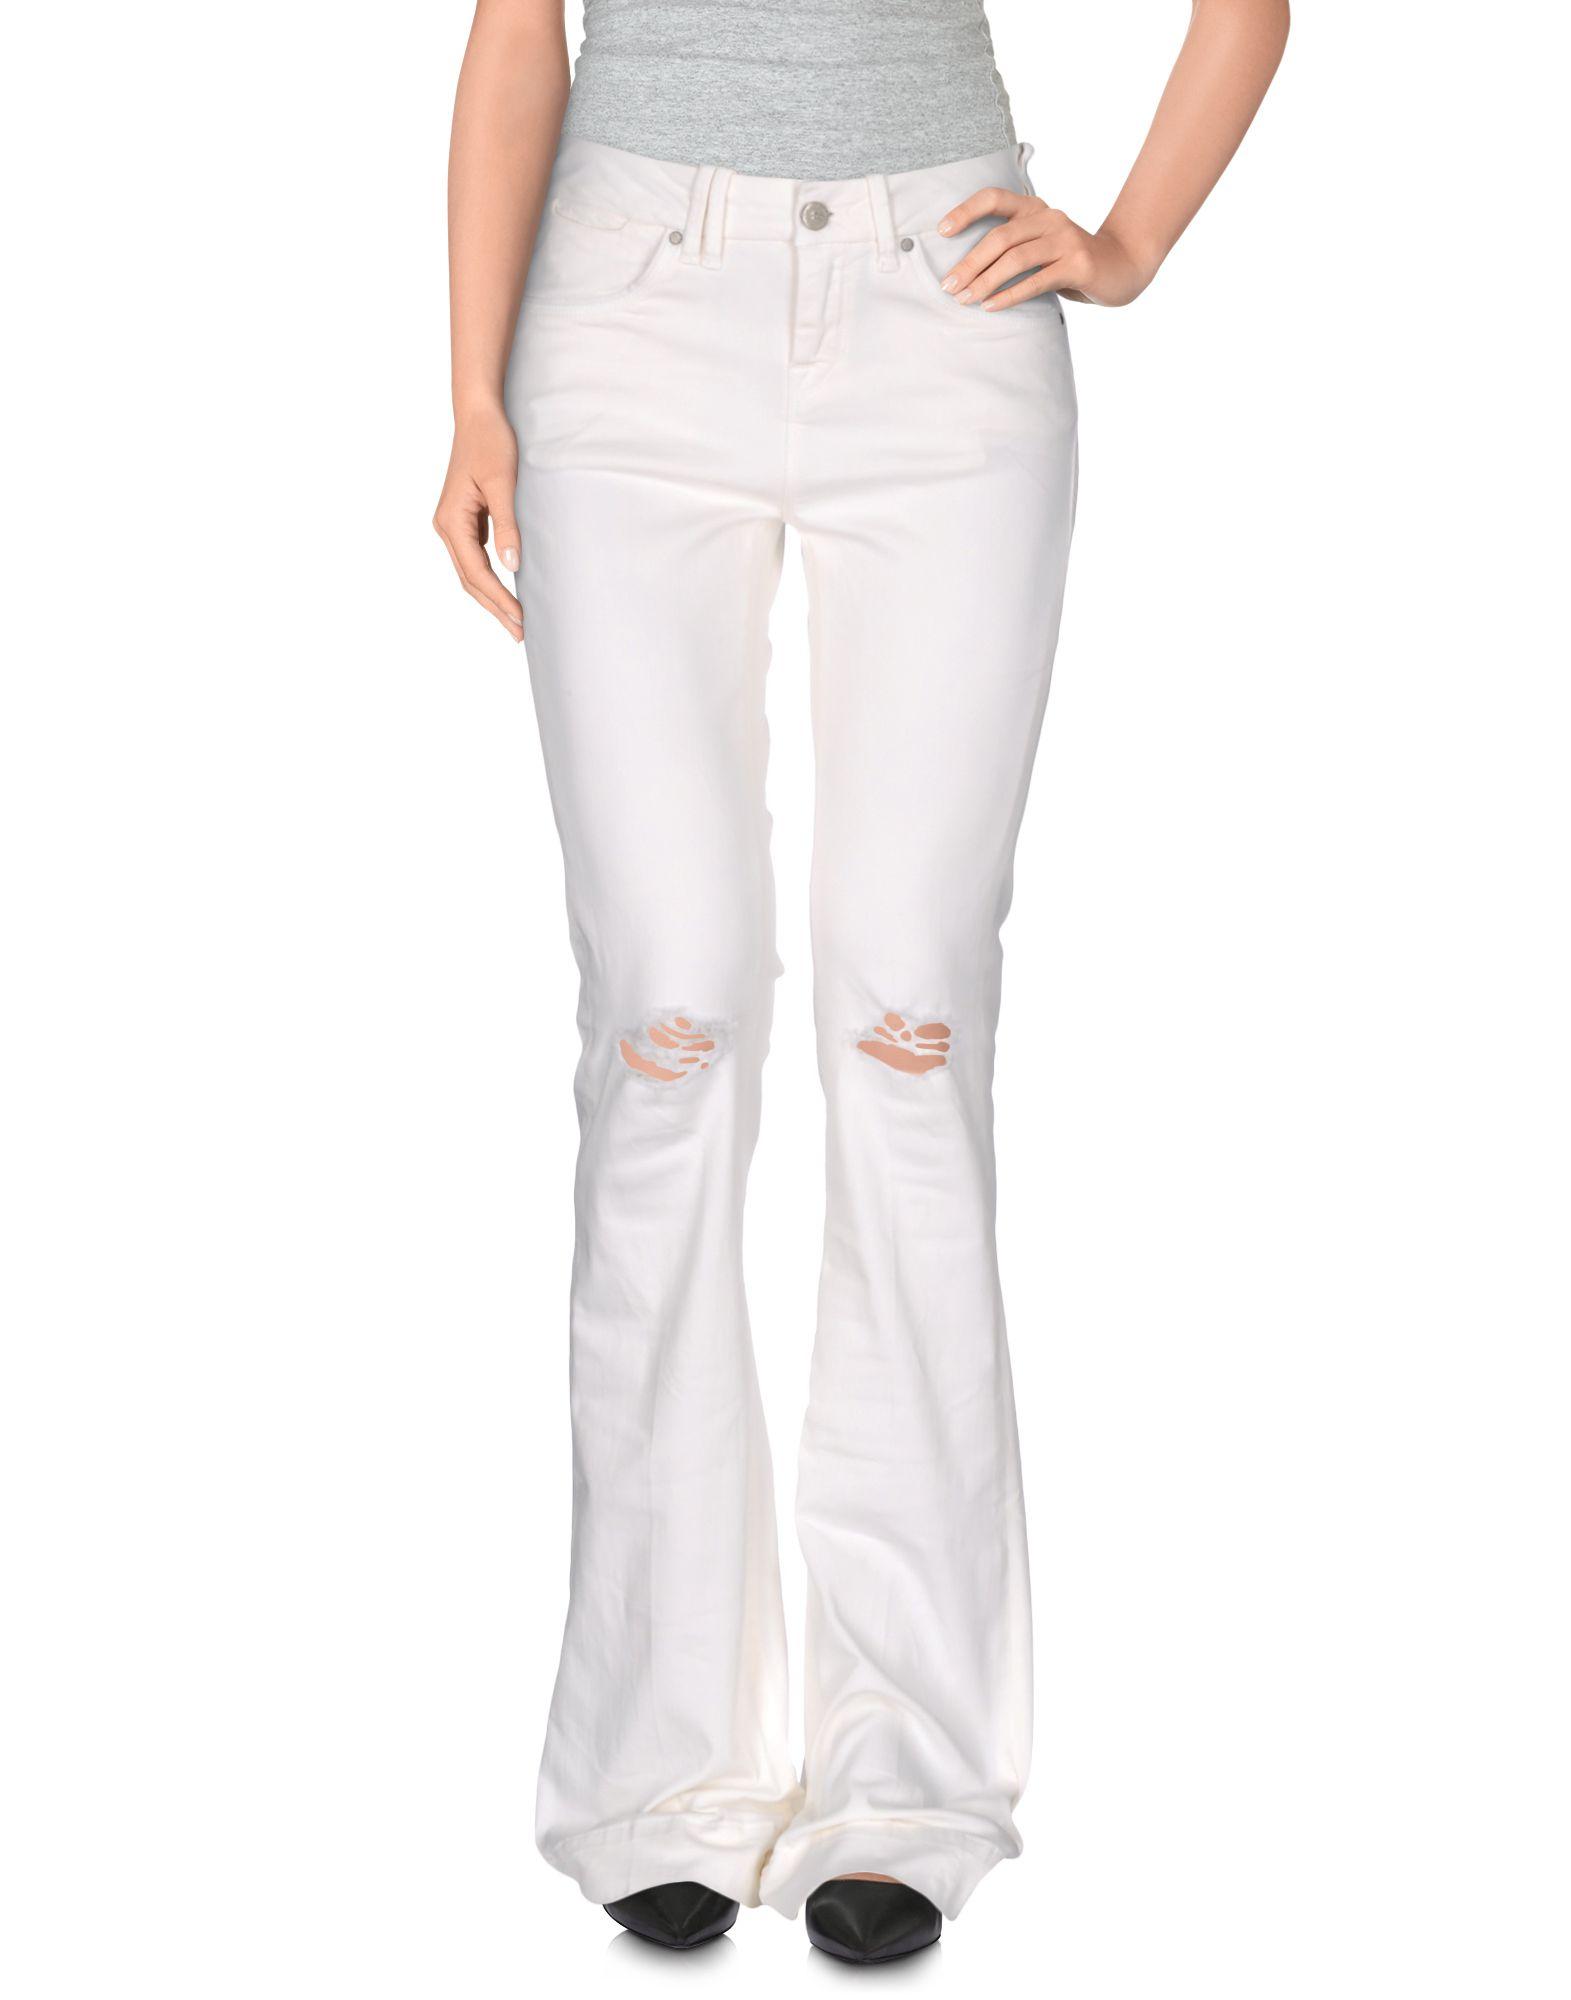 FIFTY CARAT Damen Hose Farbe Weiß Größe 4